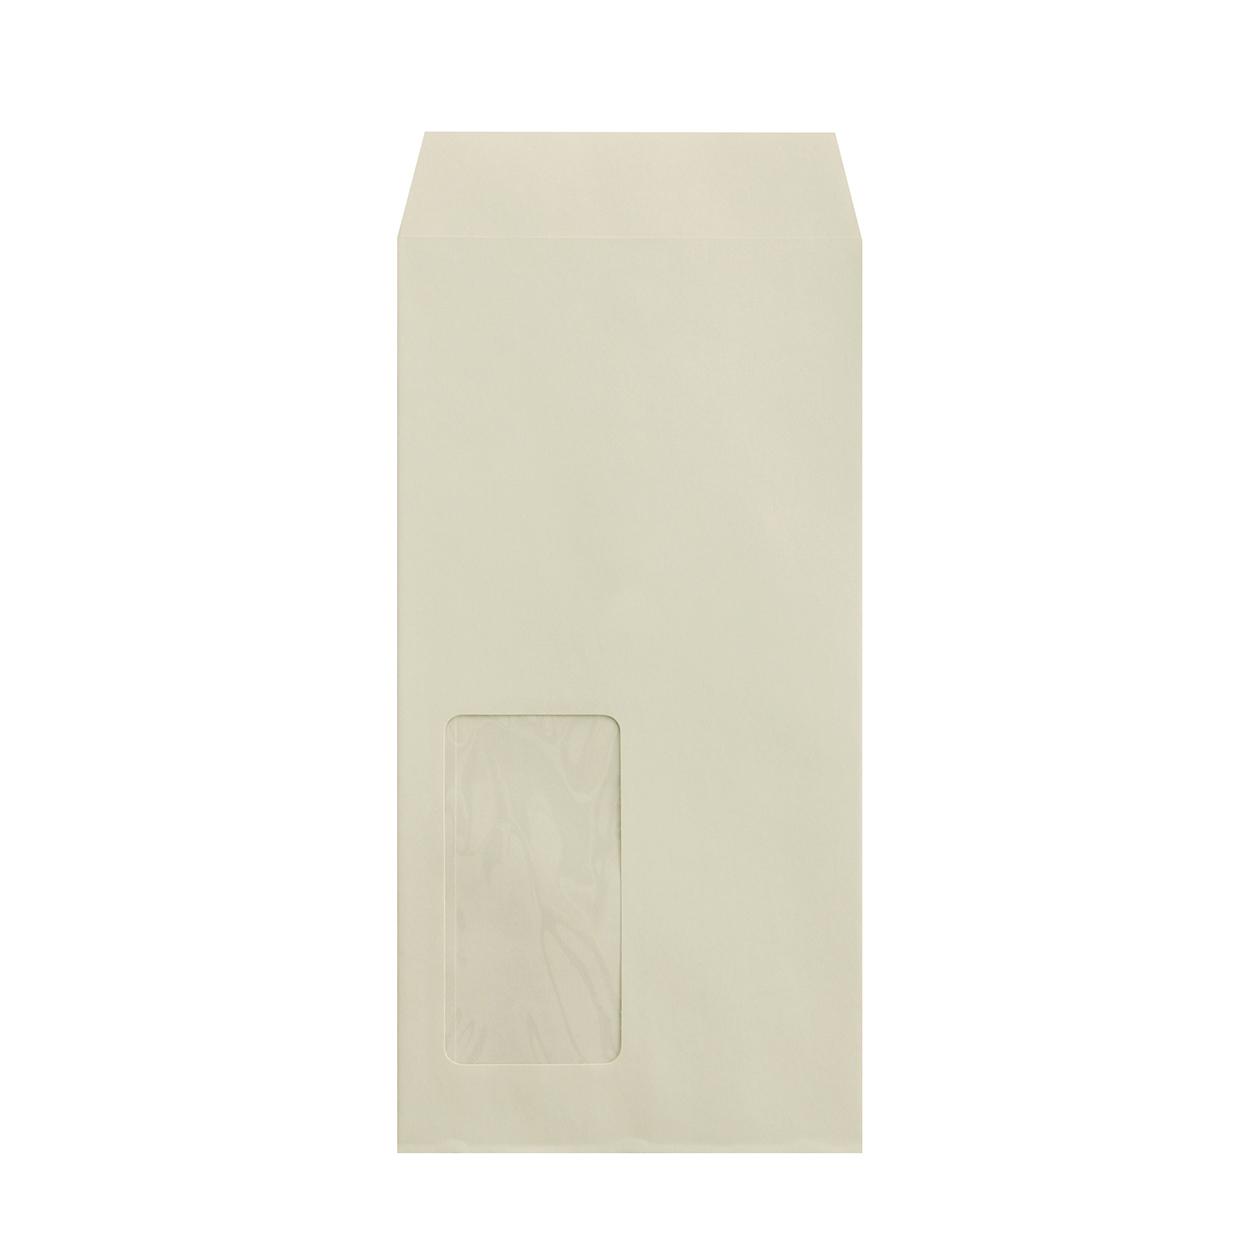 長3窓封筒 エコフレンドリーカラー ミストグレイ 100g